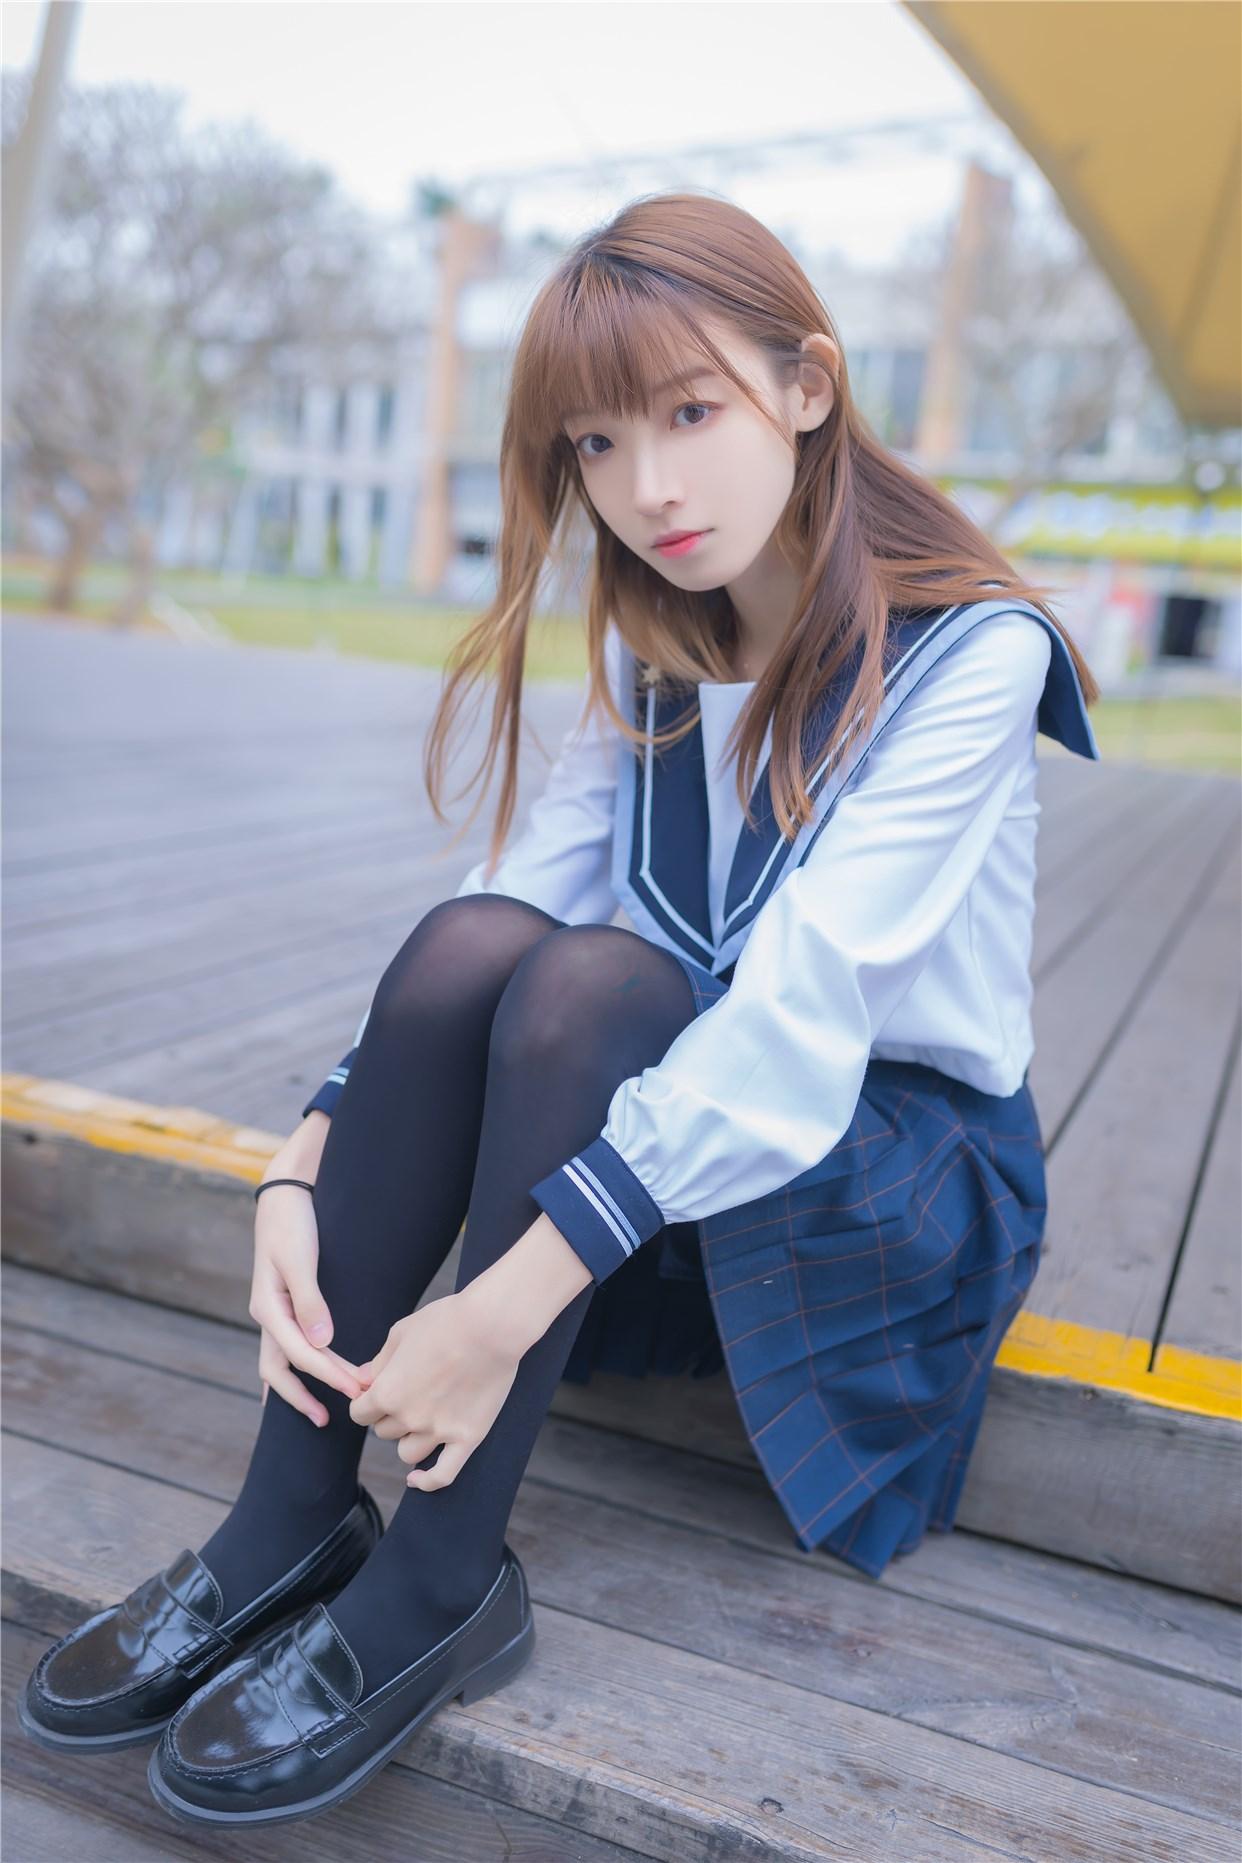 【兔玩映画】小清新JK少女 兔玩映画 第13张